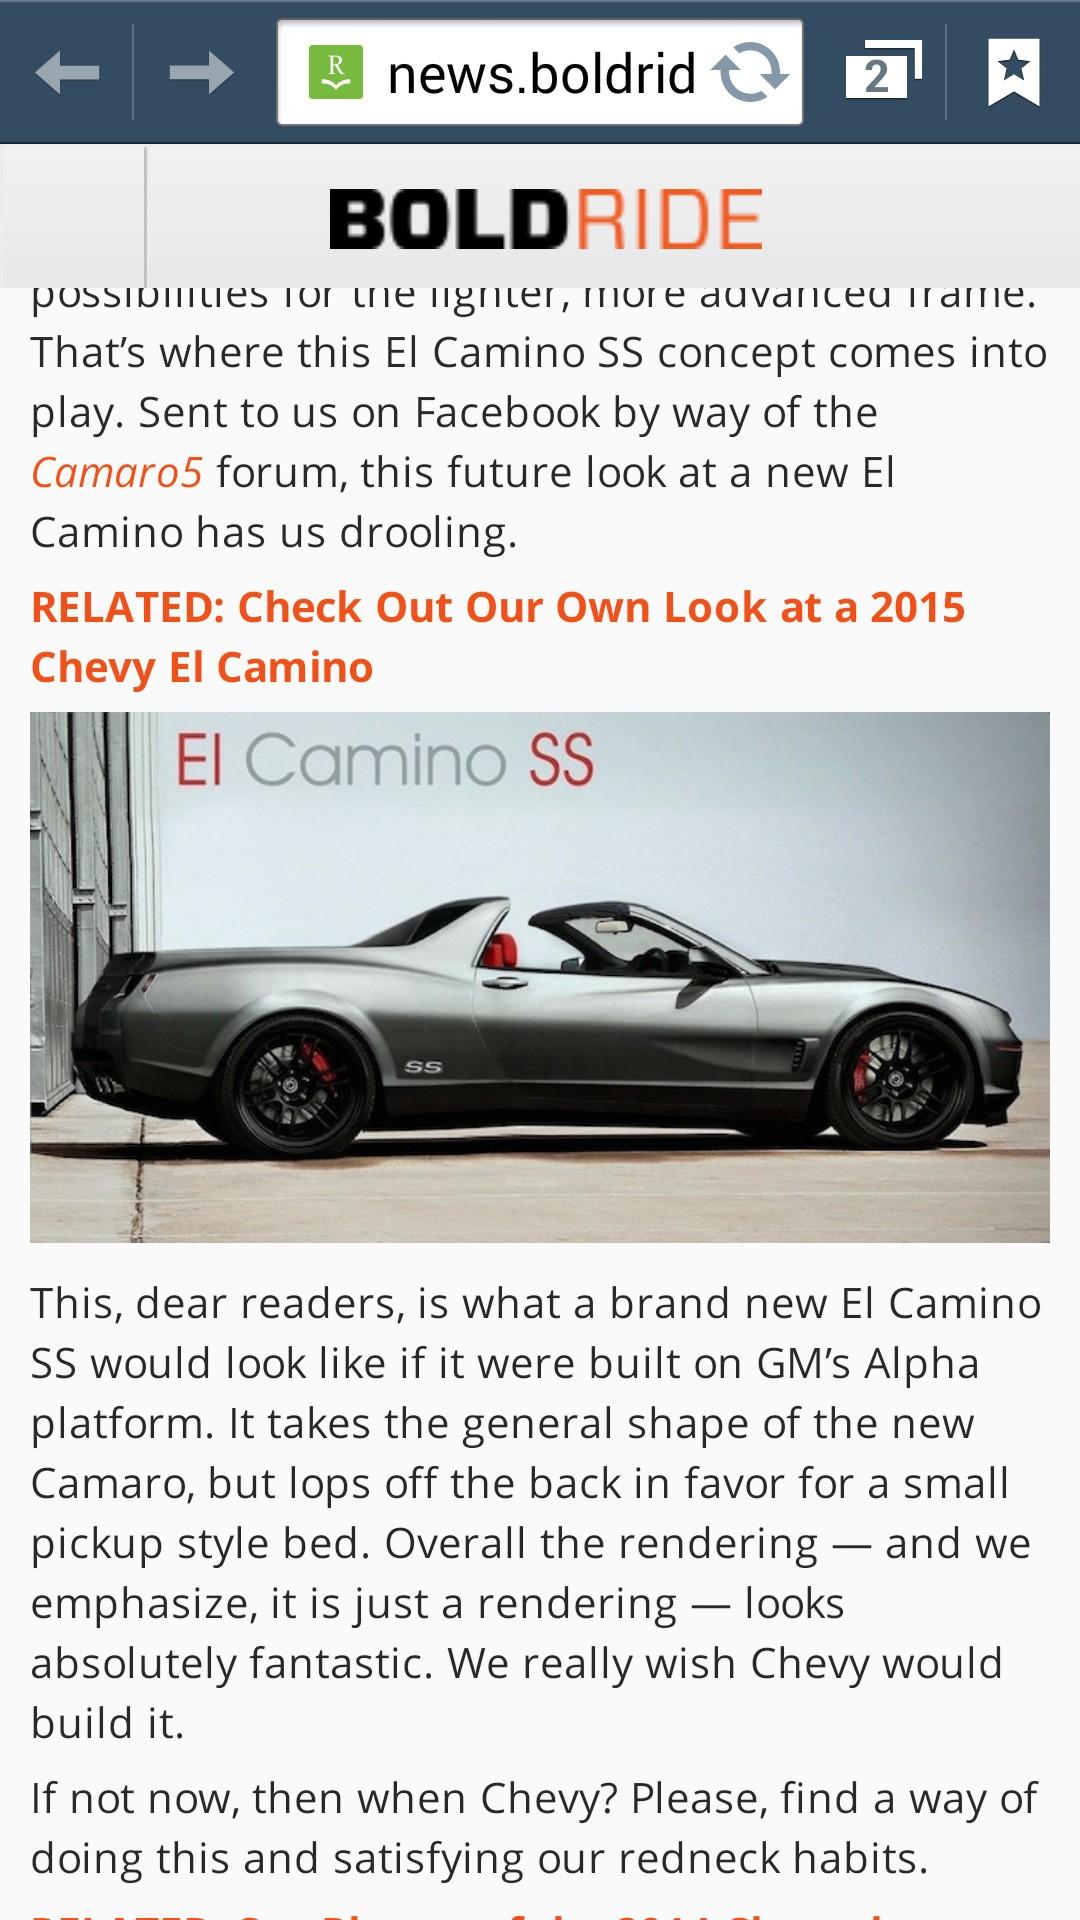 New El Camino